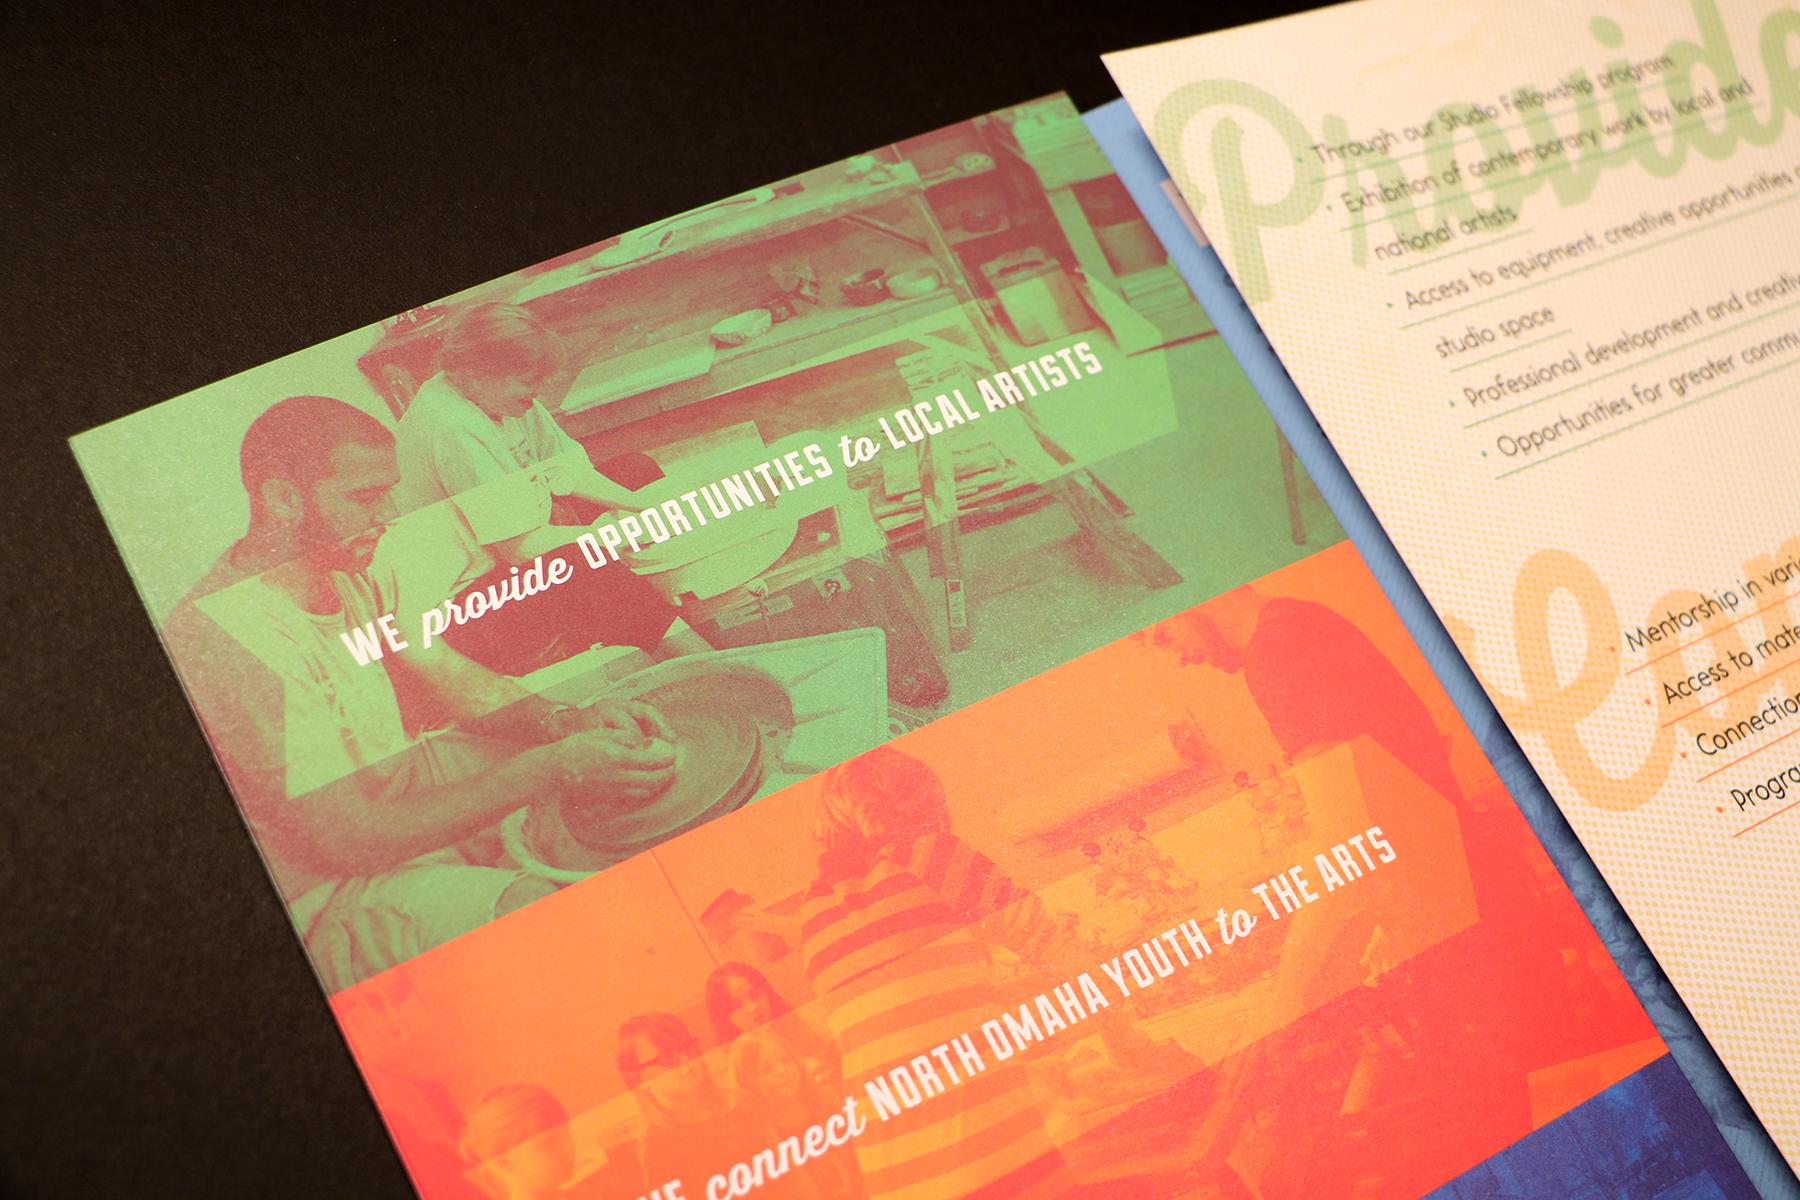 jkdc_union-brochure-2.jpg